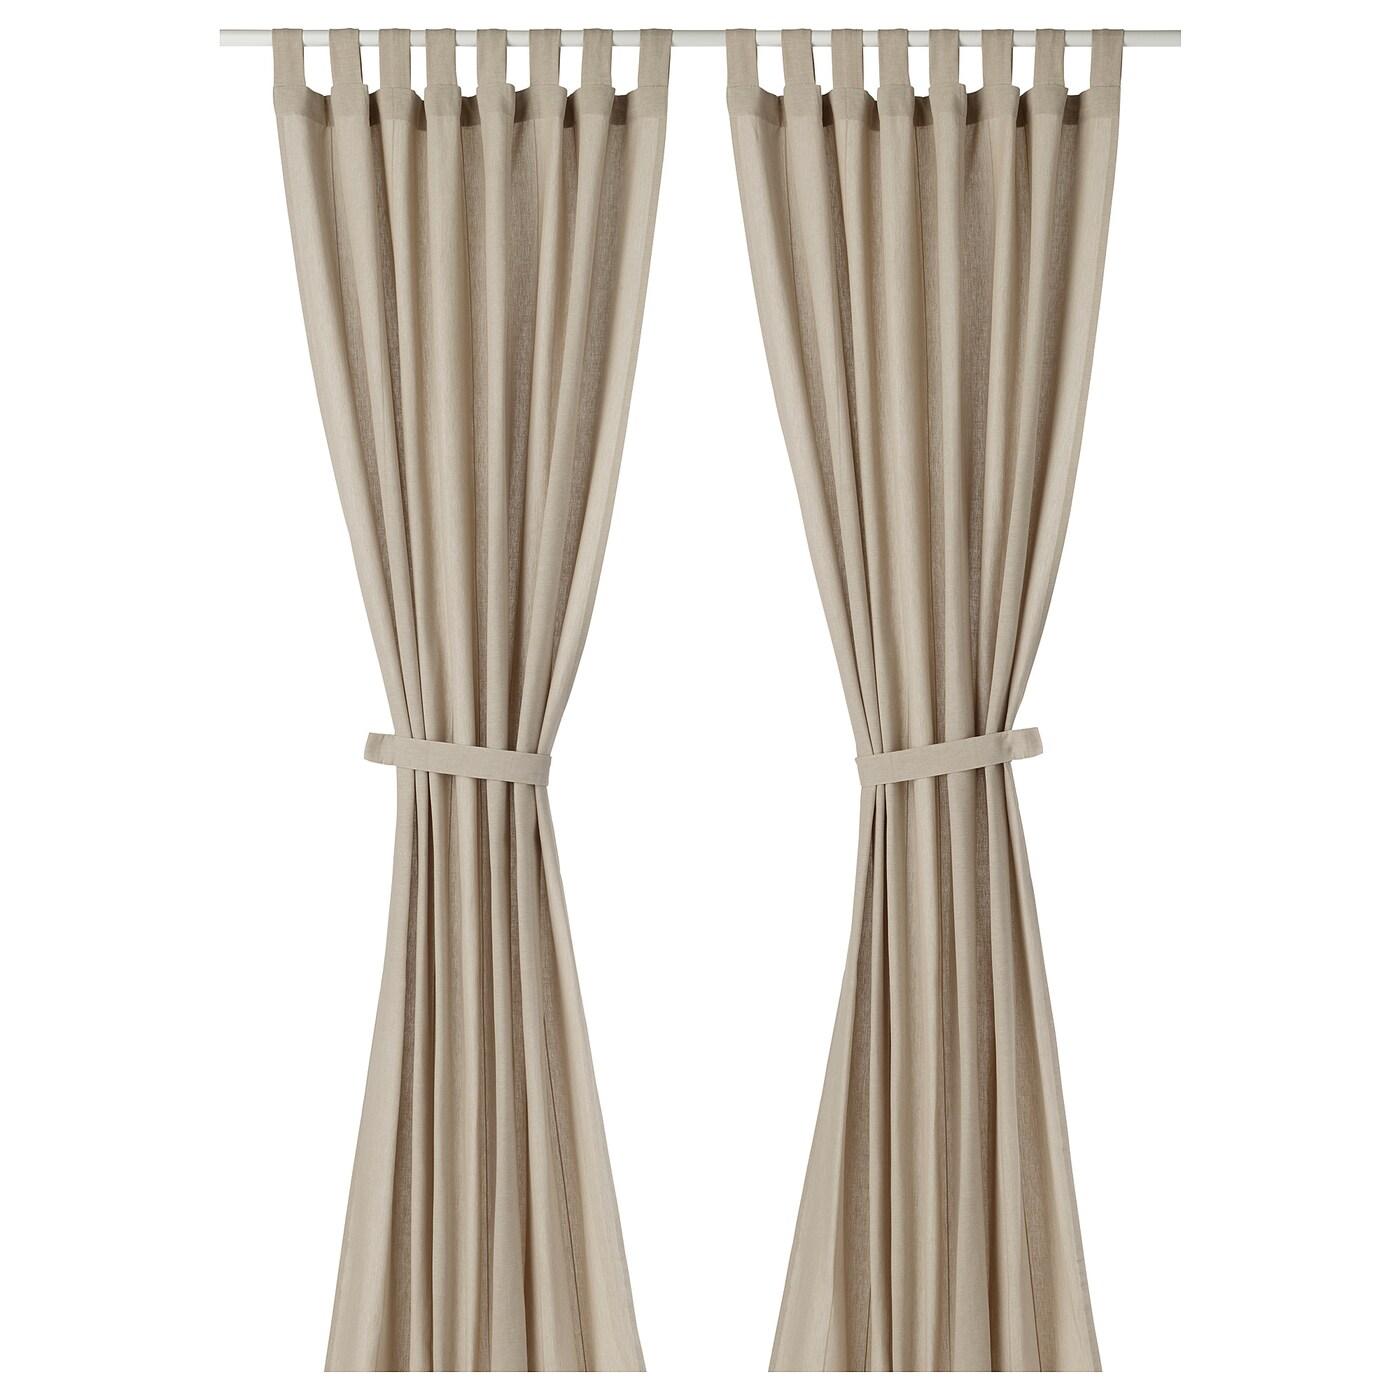 lenda rideaux embrasses 1 paire beige clair 140 x 300 cm ikea. Black Bedroom Furniture Sets. Home Design Ideas